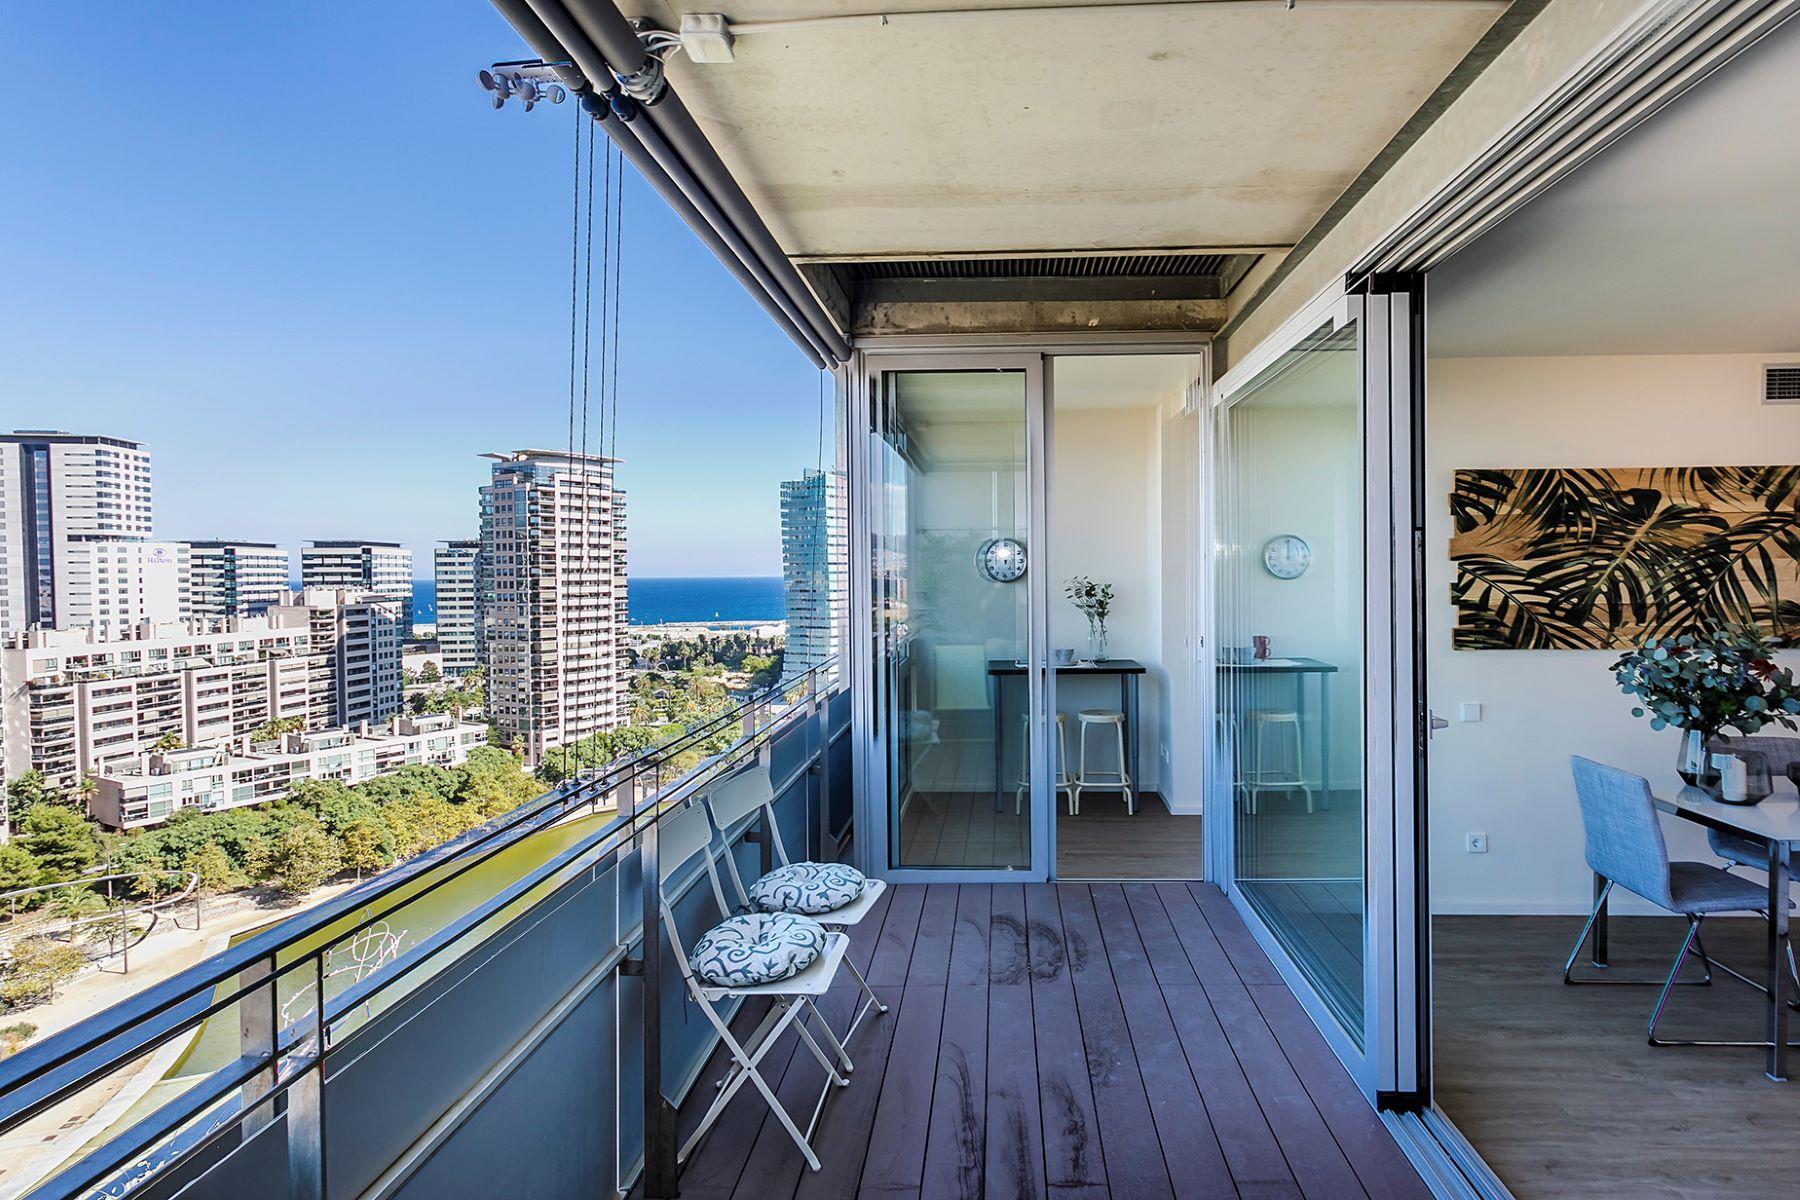 公寓 為 出售 在 Apartment to enter to live in Diagonal Mar Barcelona City, Barcelona, 08019 西班牙